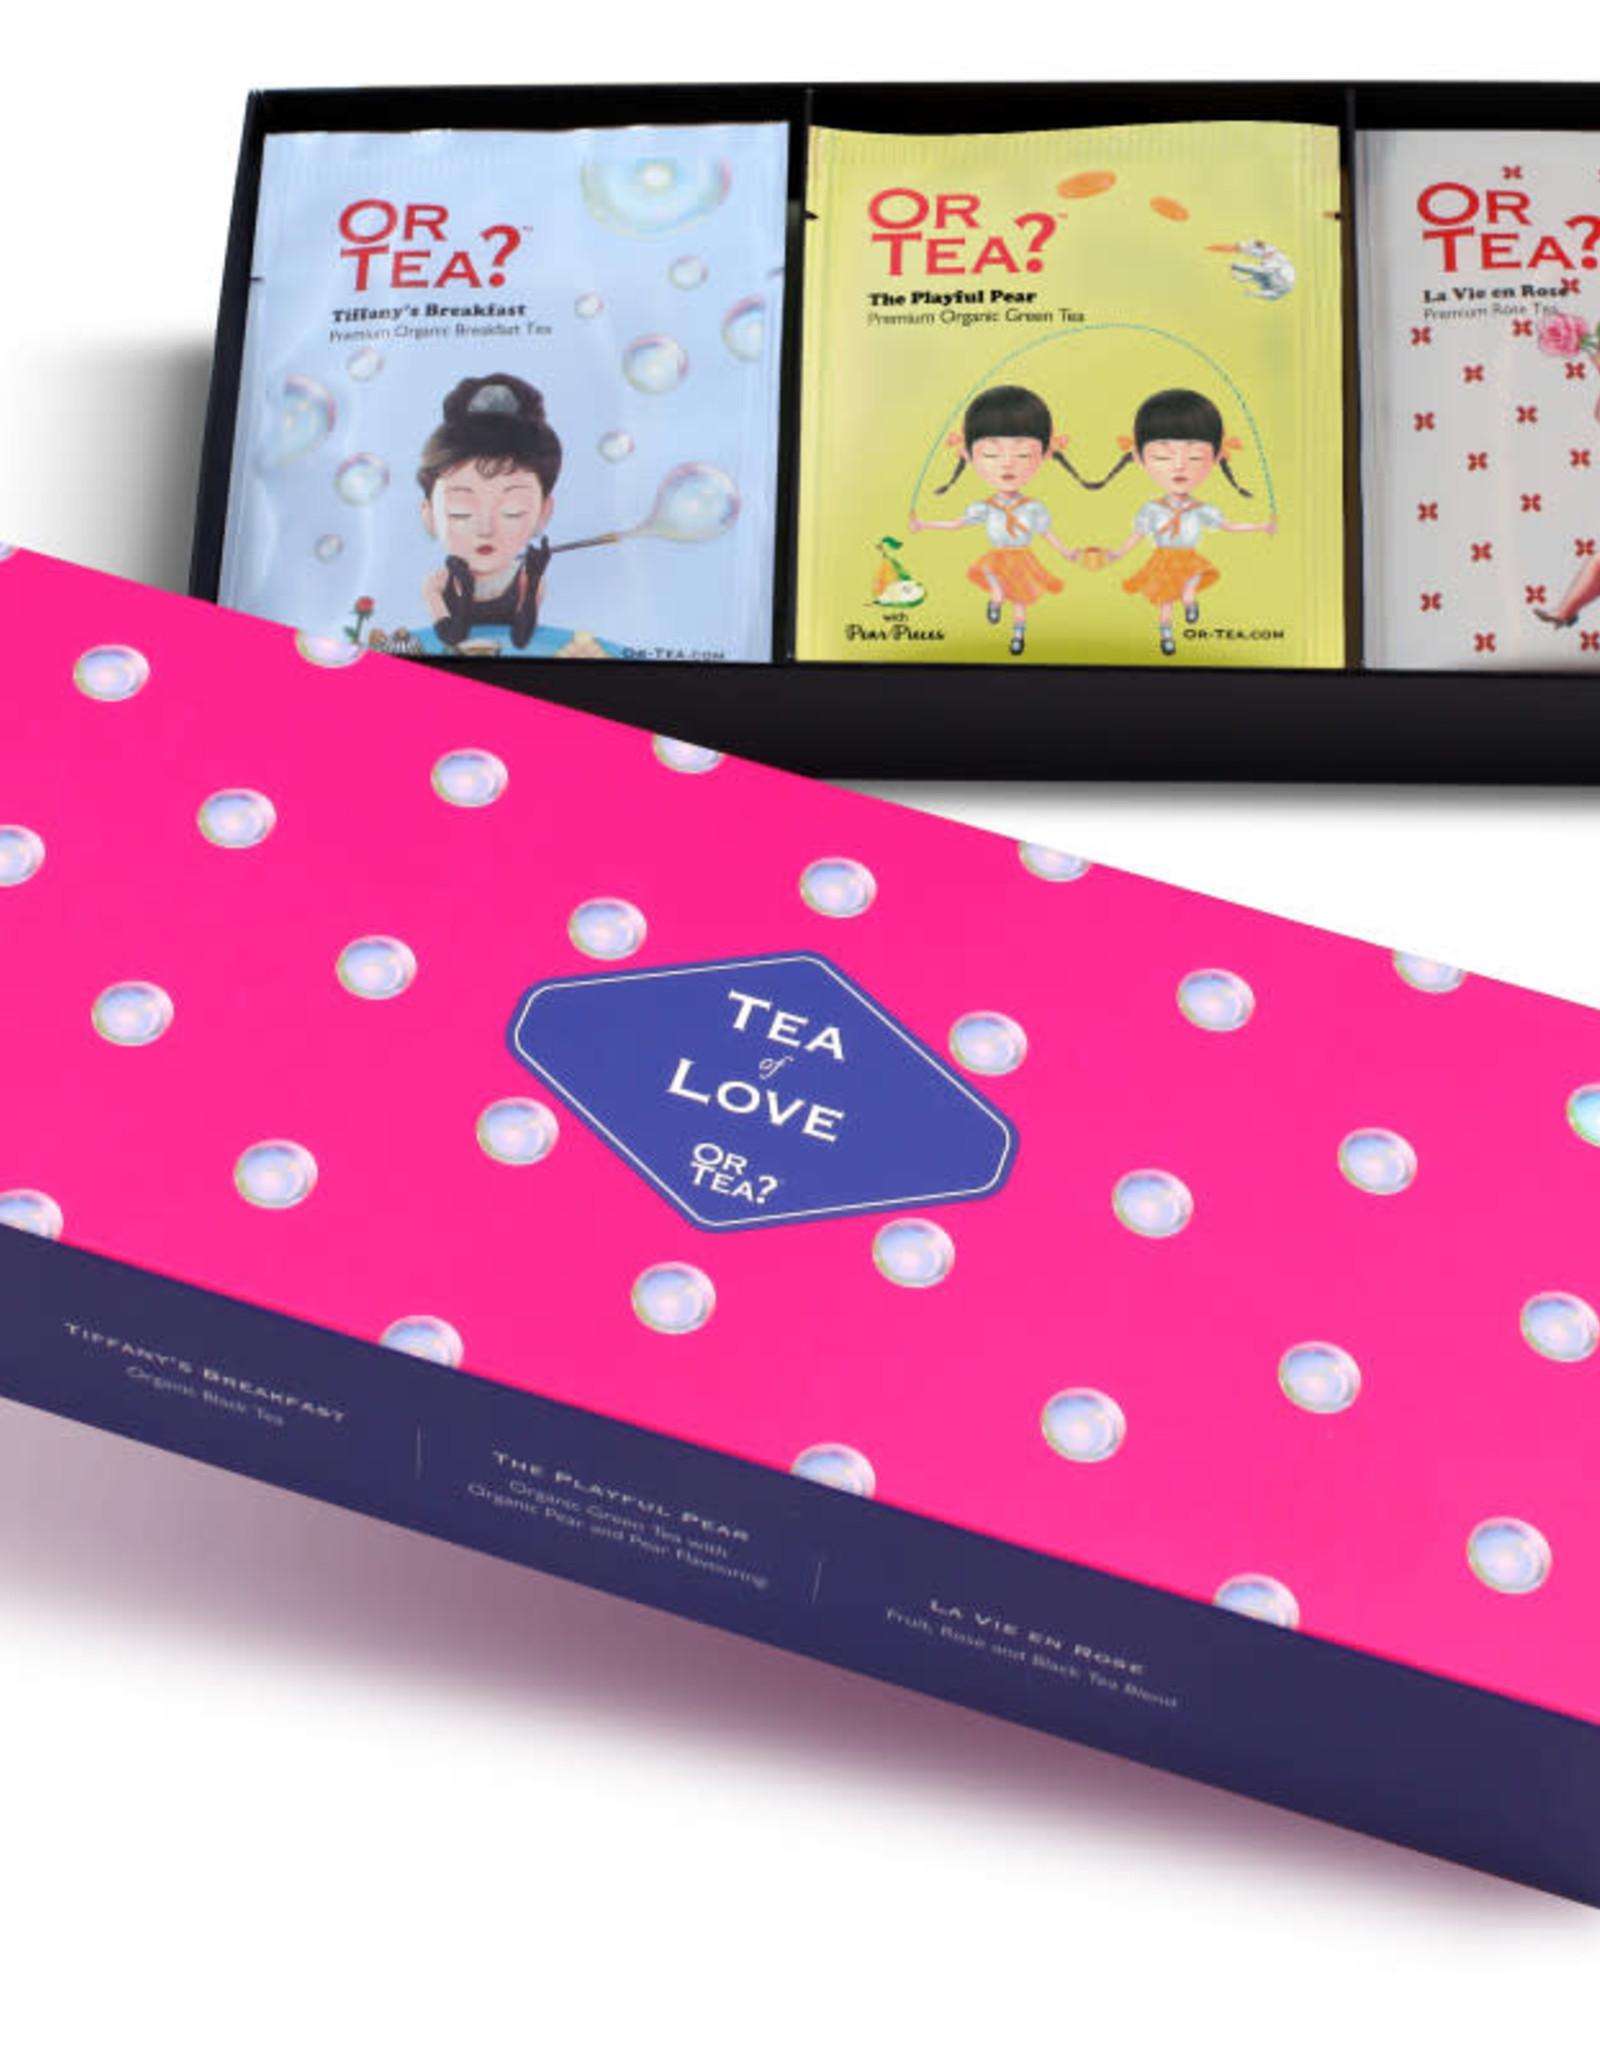 Or tea? or tea? 3-in-1 sachet combo - Tea of Love